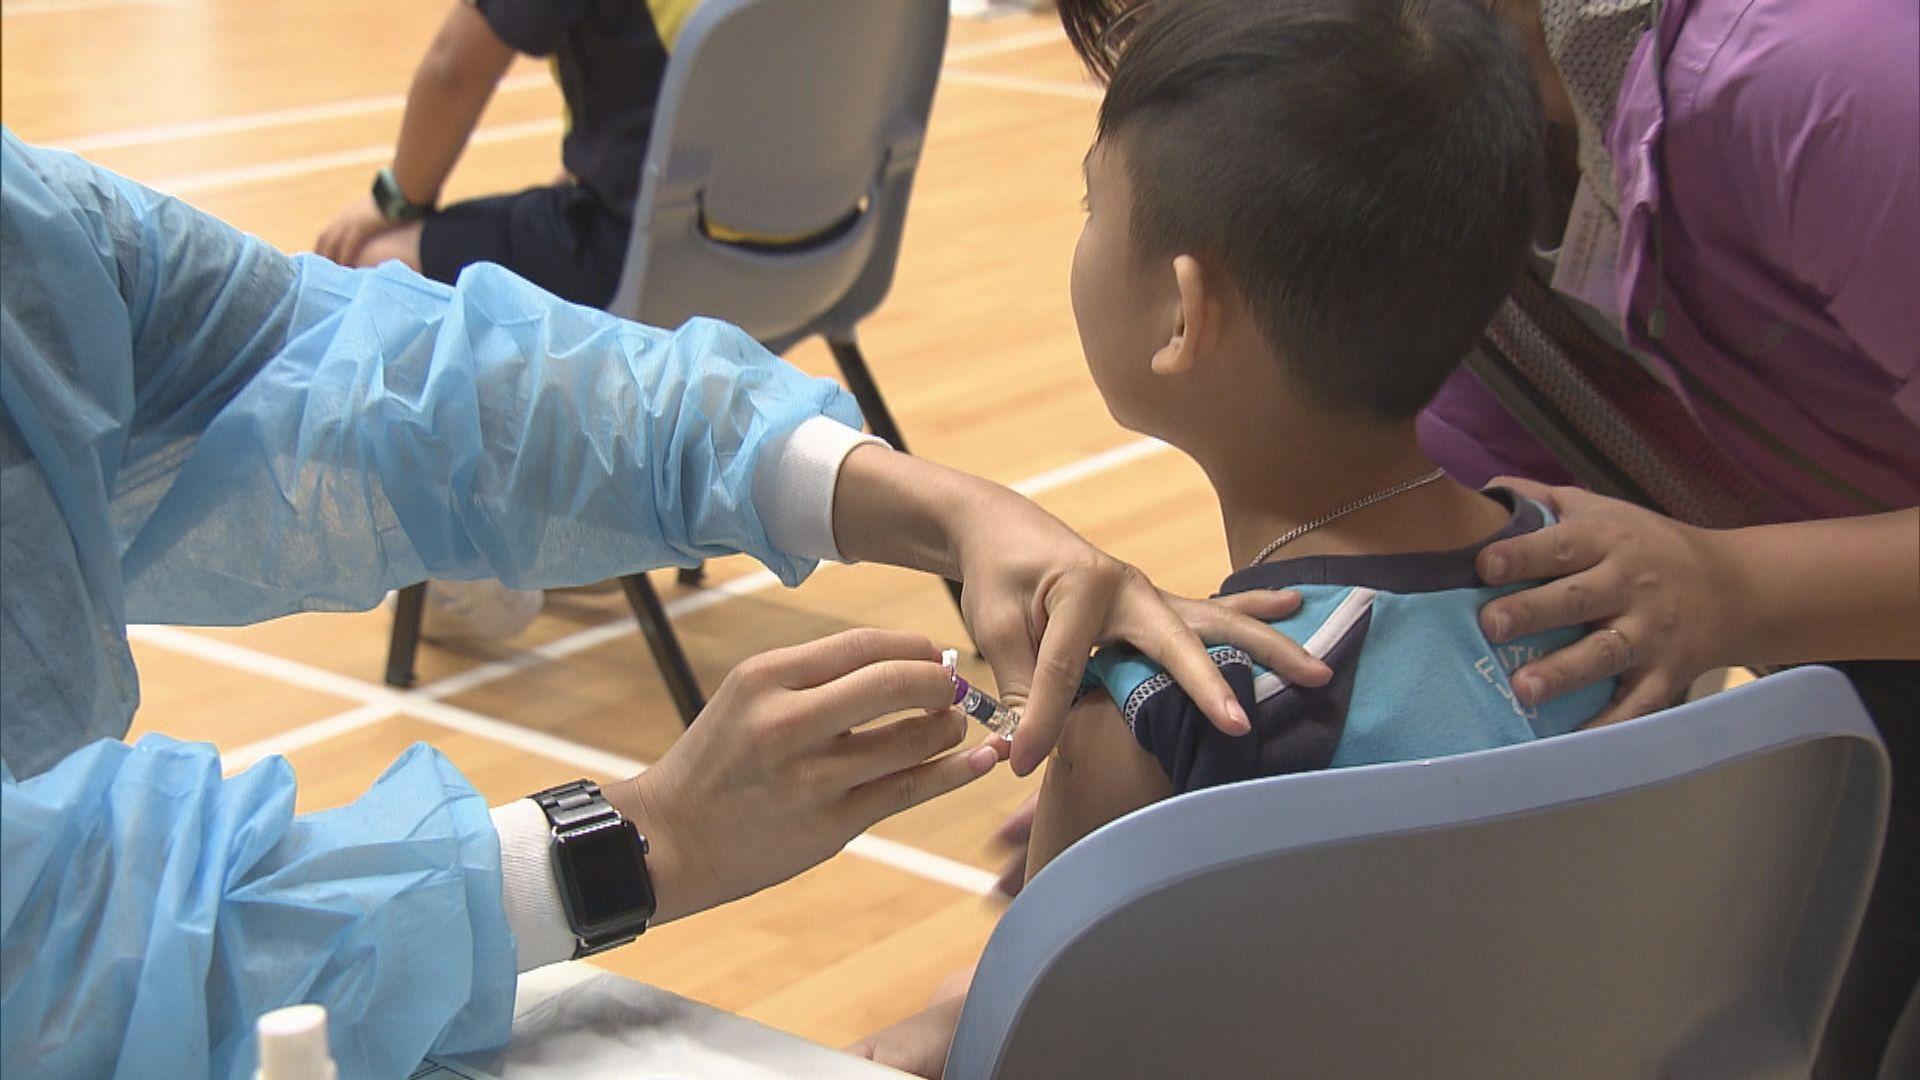 政府防疫注射計劃展開 健康中心現人龍